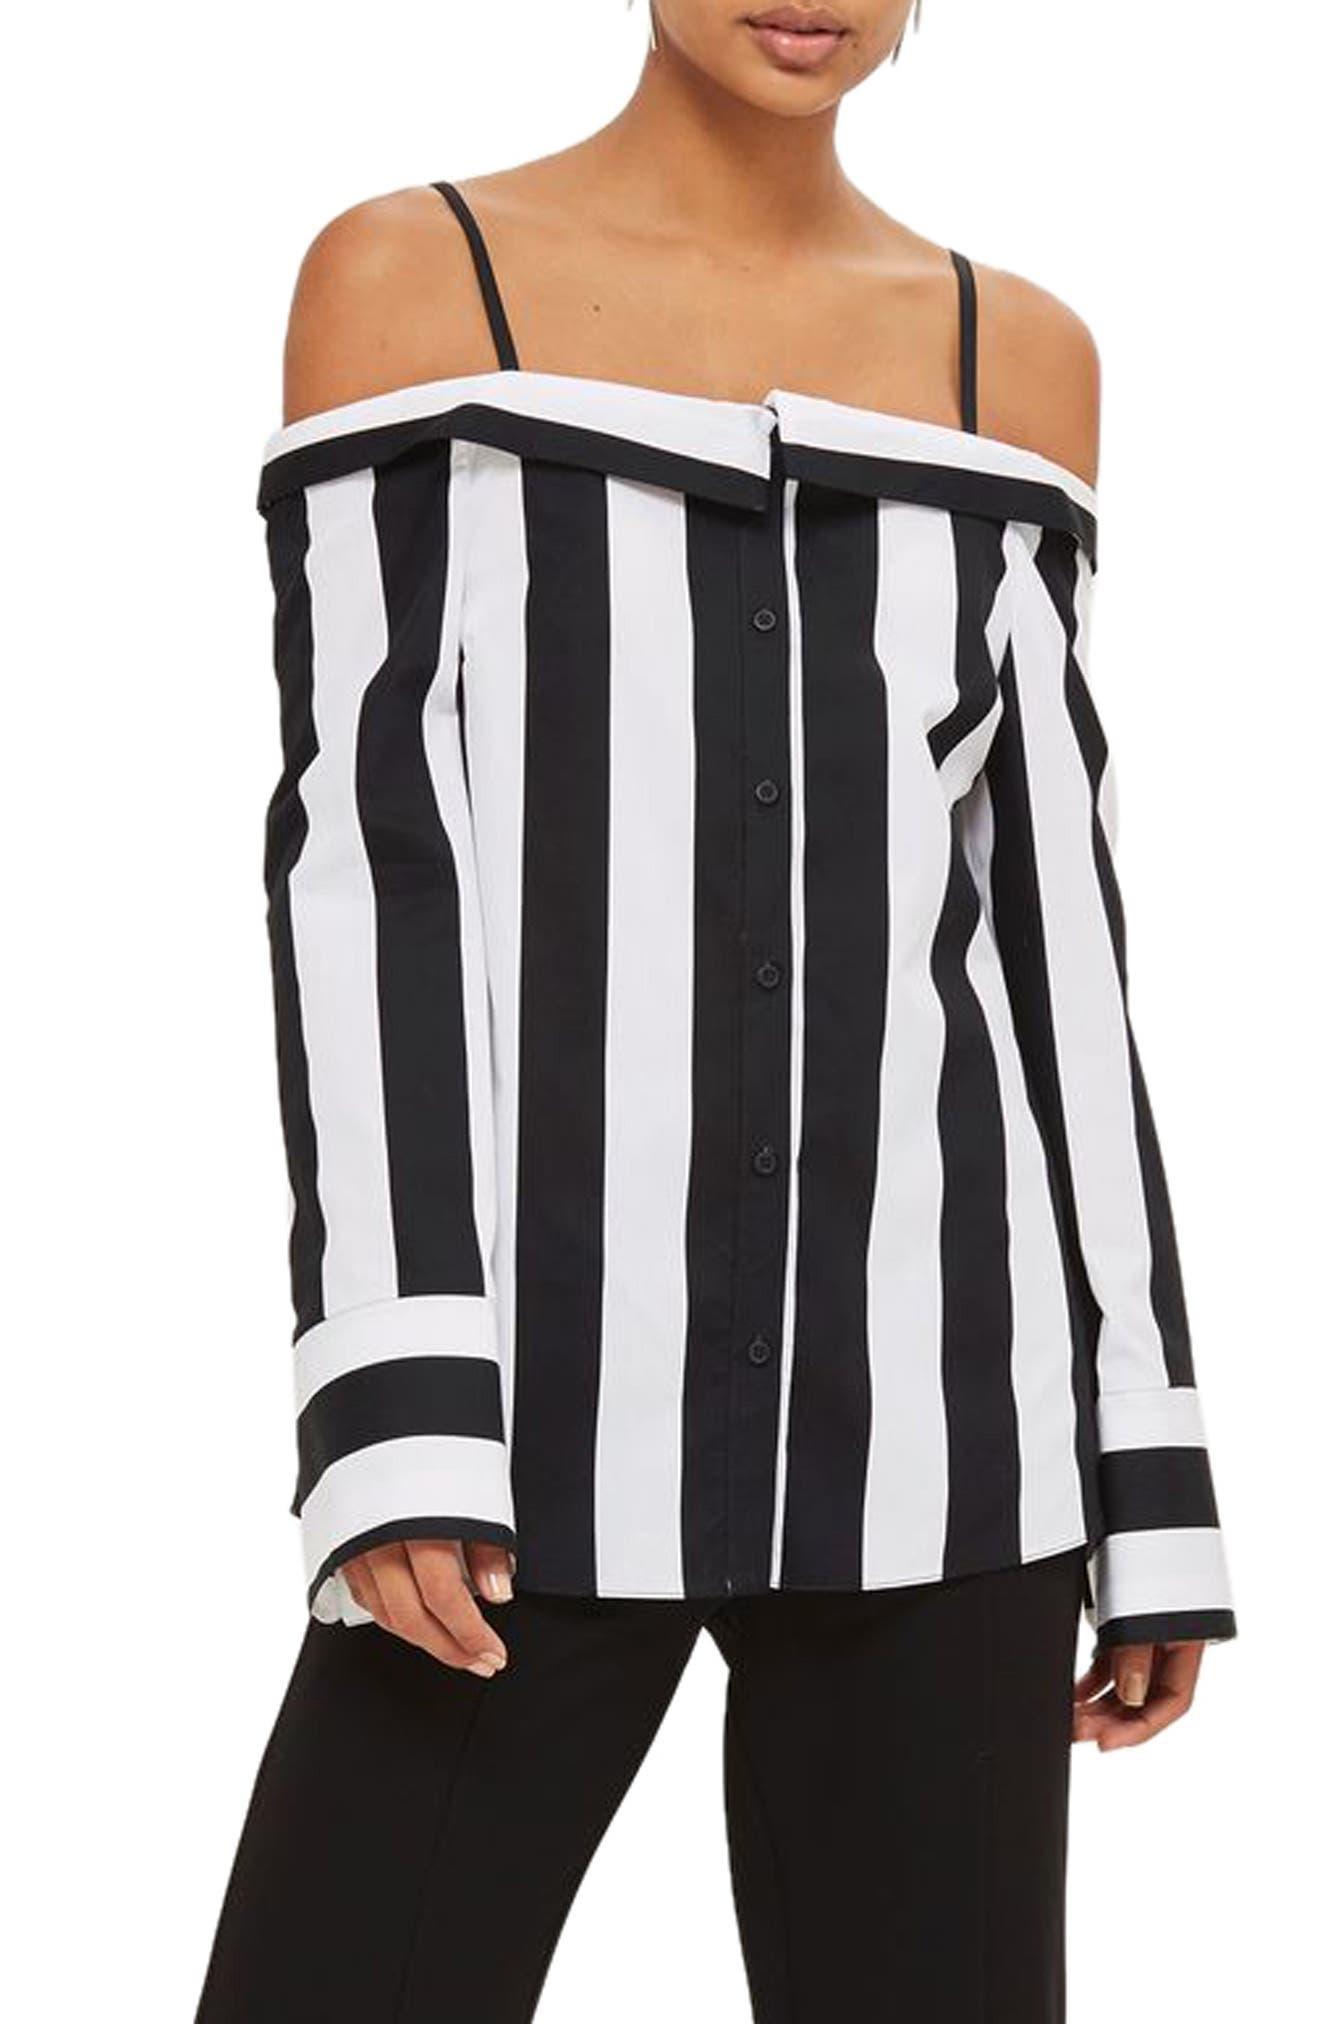 Humbug Stripe Off the Shoulder Shirt,                         Main,                         color, Black Multi